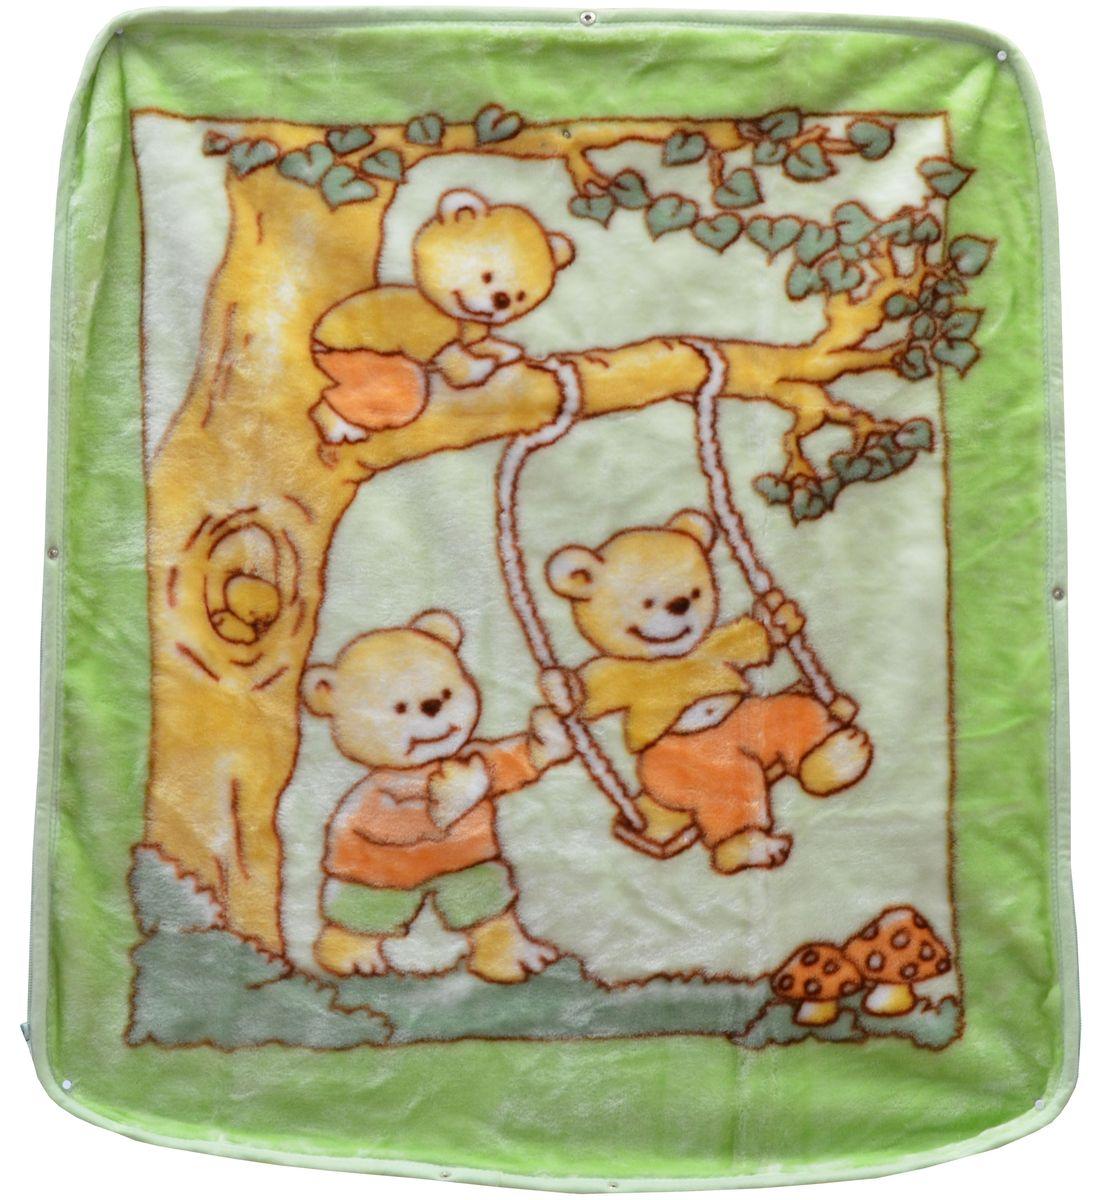 Bonne Fee Плед-накидка для младенцев на молнии 1, 80 х 90 см, цвет: зеленыйS03301004Плед-накидка для младенцев на молнии Bonne Fee - защита, тепло и комфорт для малышей - использован надёжный, качественный и мягкий материал! Удобство и спокойствие для родителей обеспечивается универсальностью пледа-накидки, конструкция которого позволяет ему легко превращаться в конвертик. Отличное качество и практичность! Любите своего ребёнка и дарите ему лучшее!